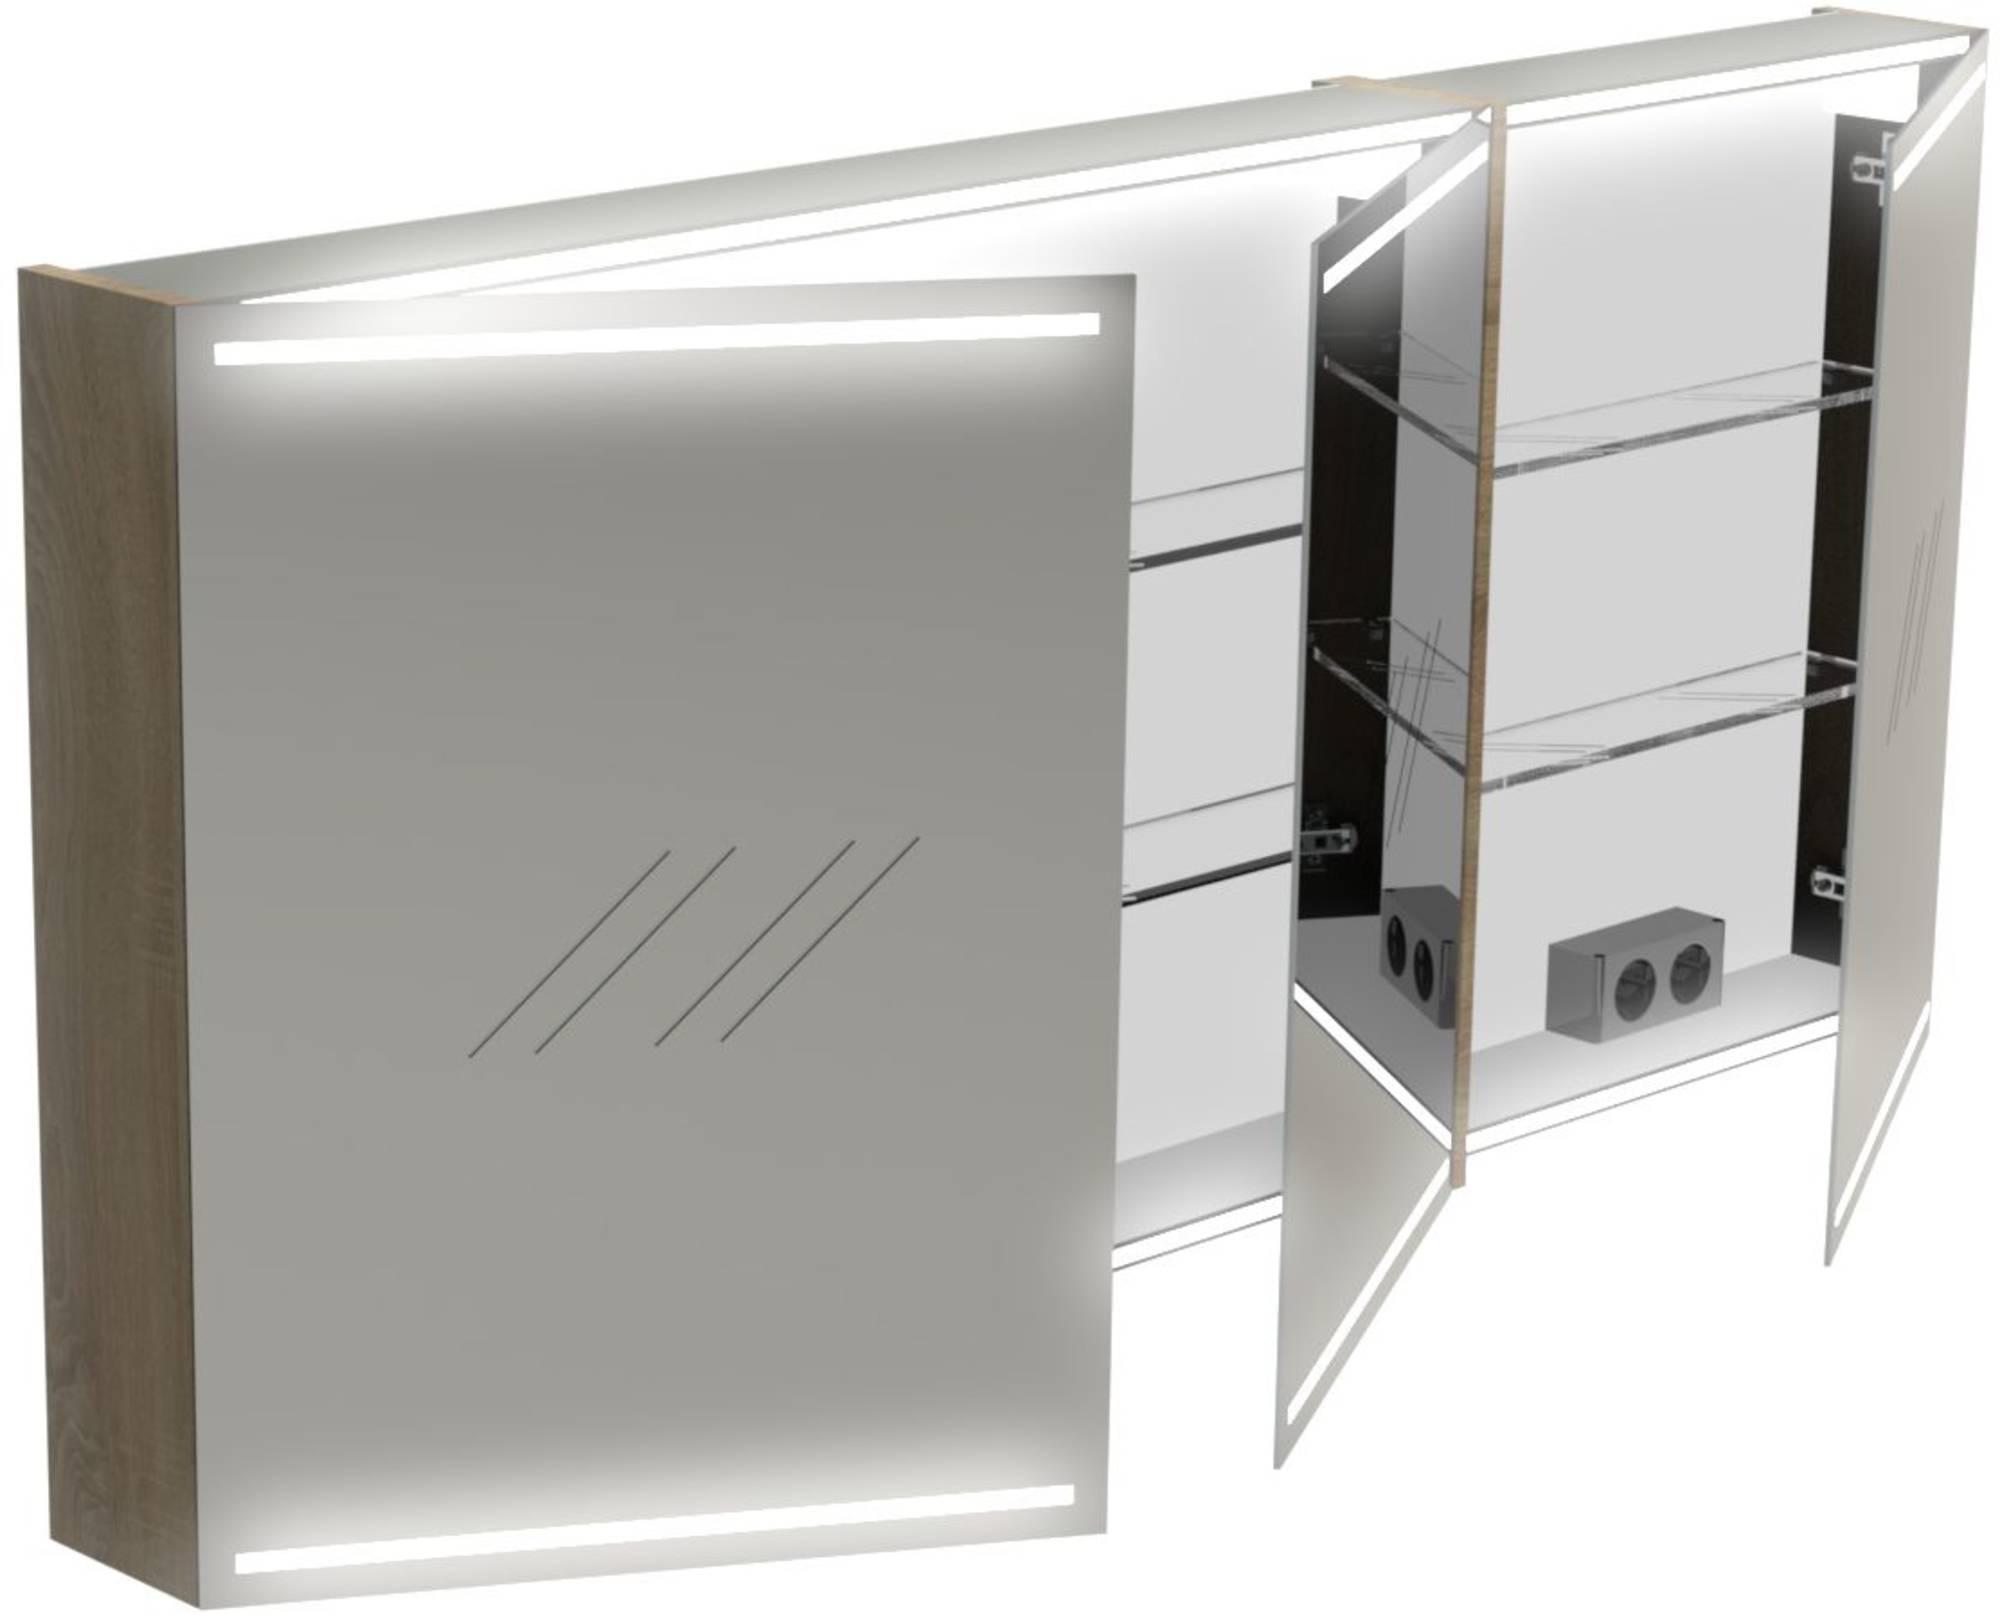 Thebalux Deluxe Spiegelkast 70x150x13,5 cm San Remo